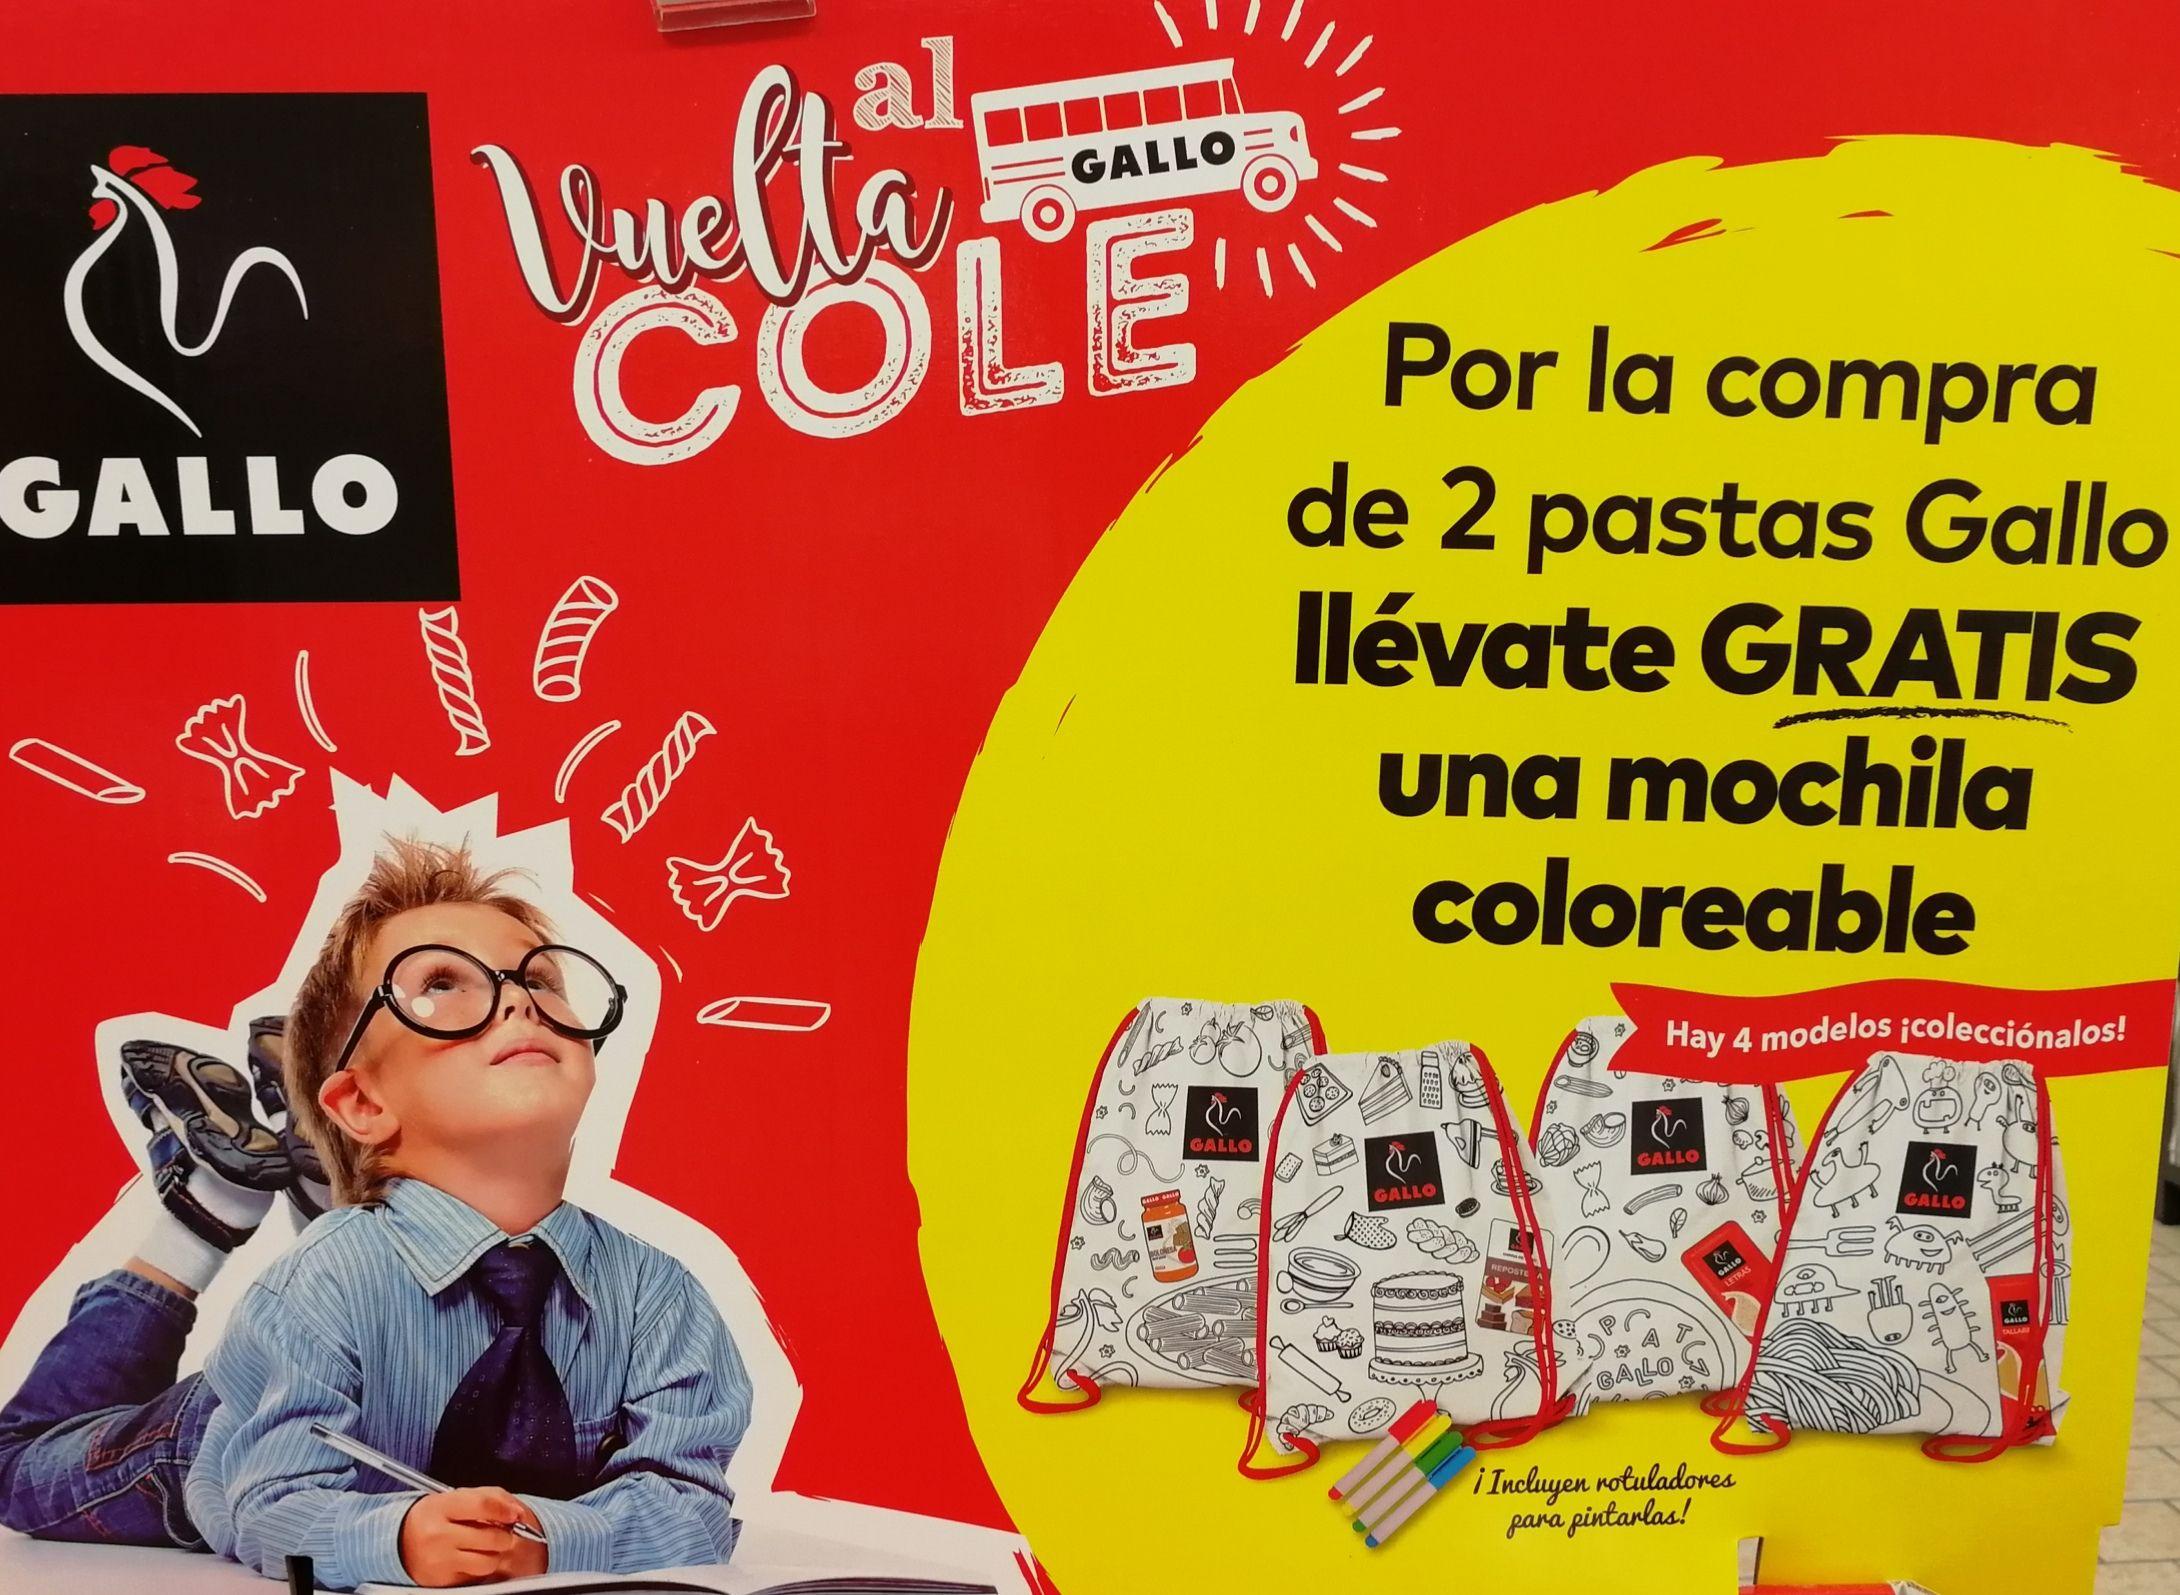 Mochila coloreable [GRATIS] x 2 paquetes de pasta (1,79€) en LIDL